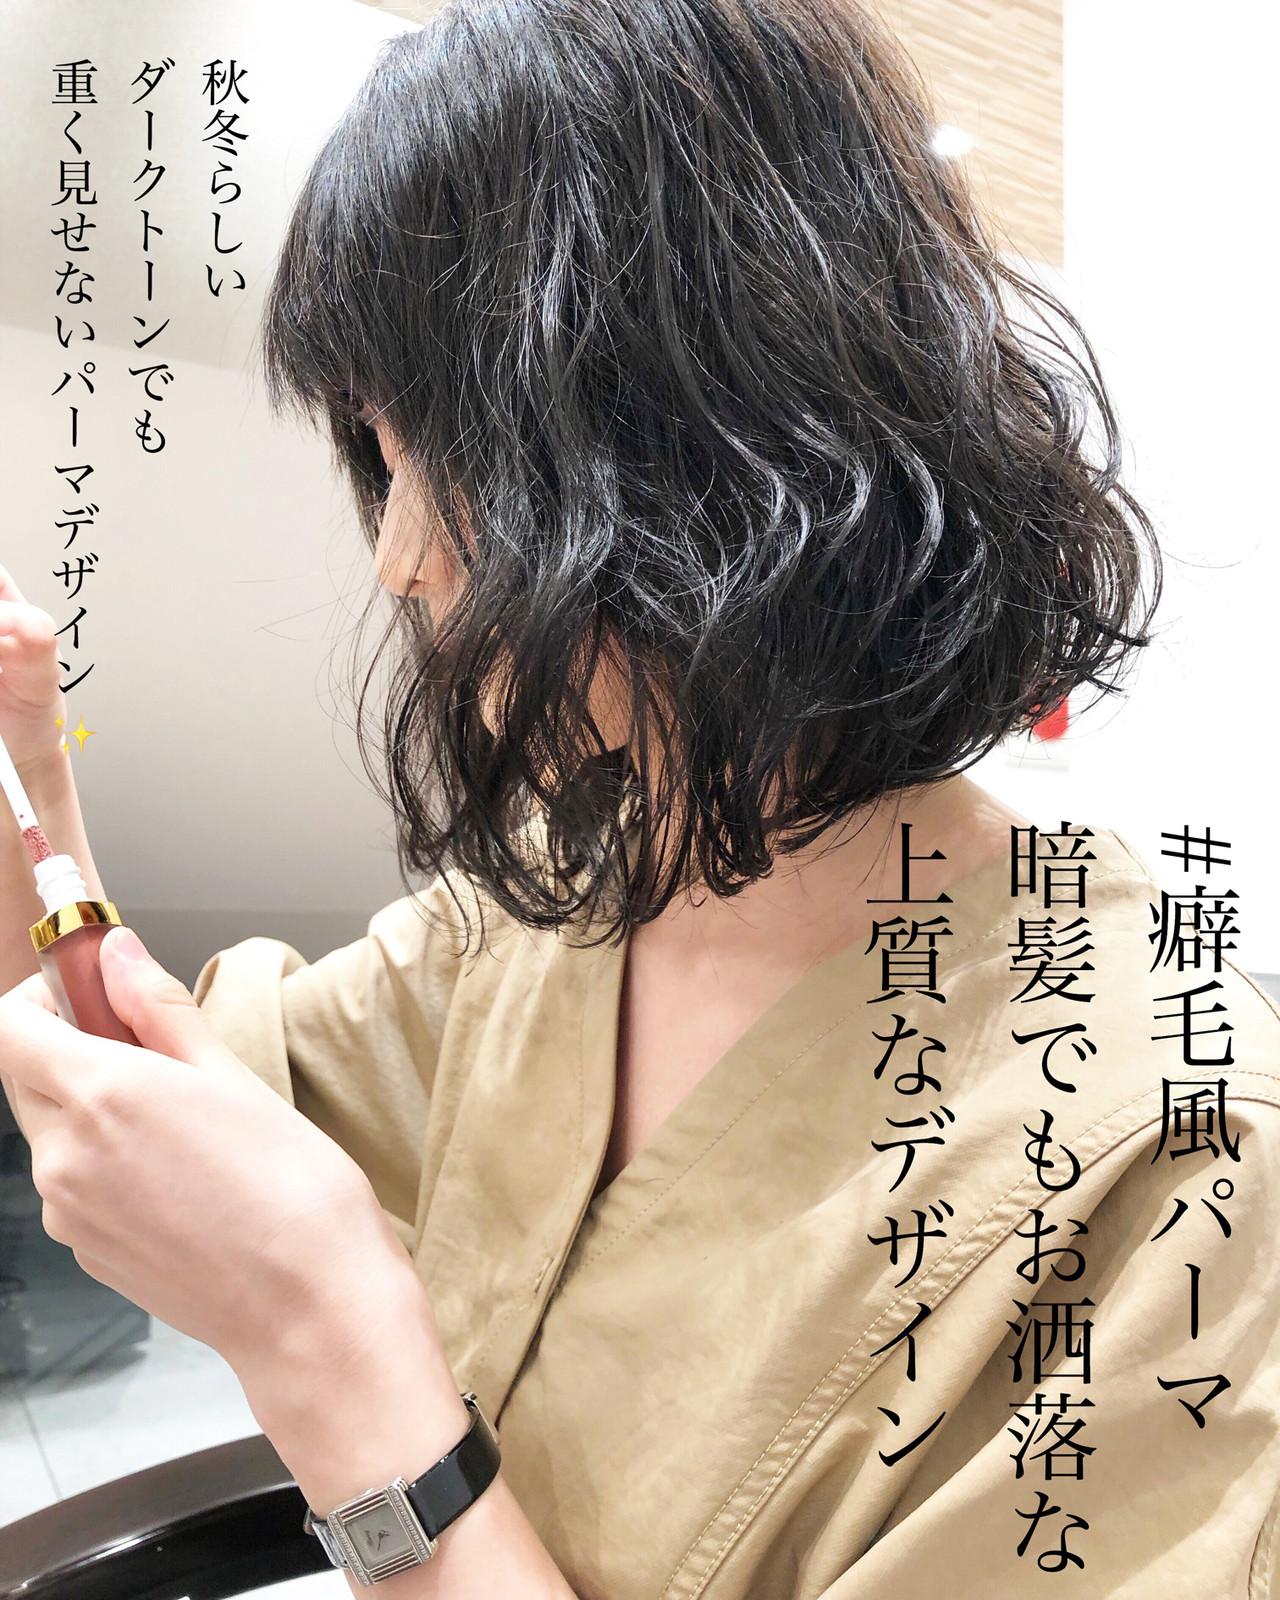 デジタルパーマ ボブ パーマ ナチュラル ヘアスタイルや髪型の写真・画像